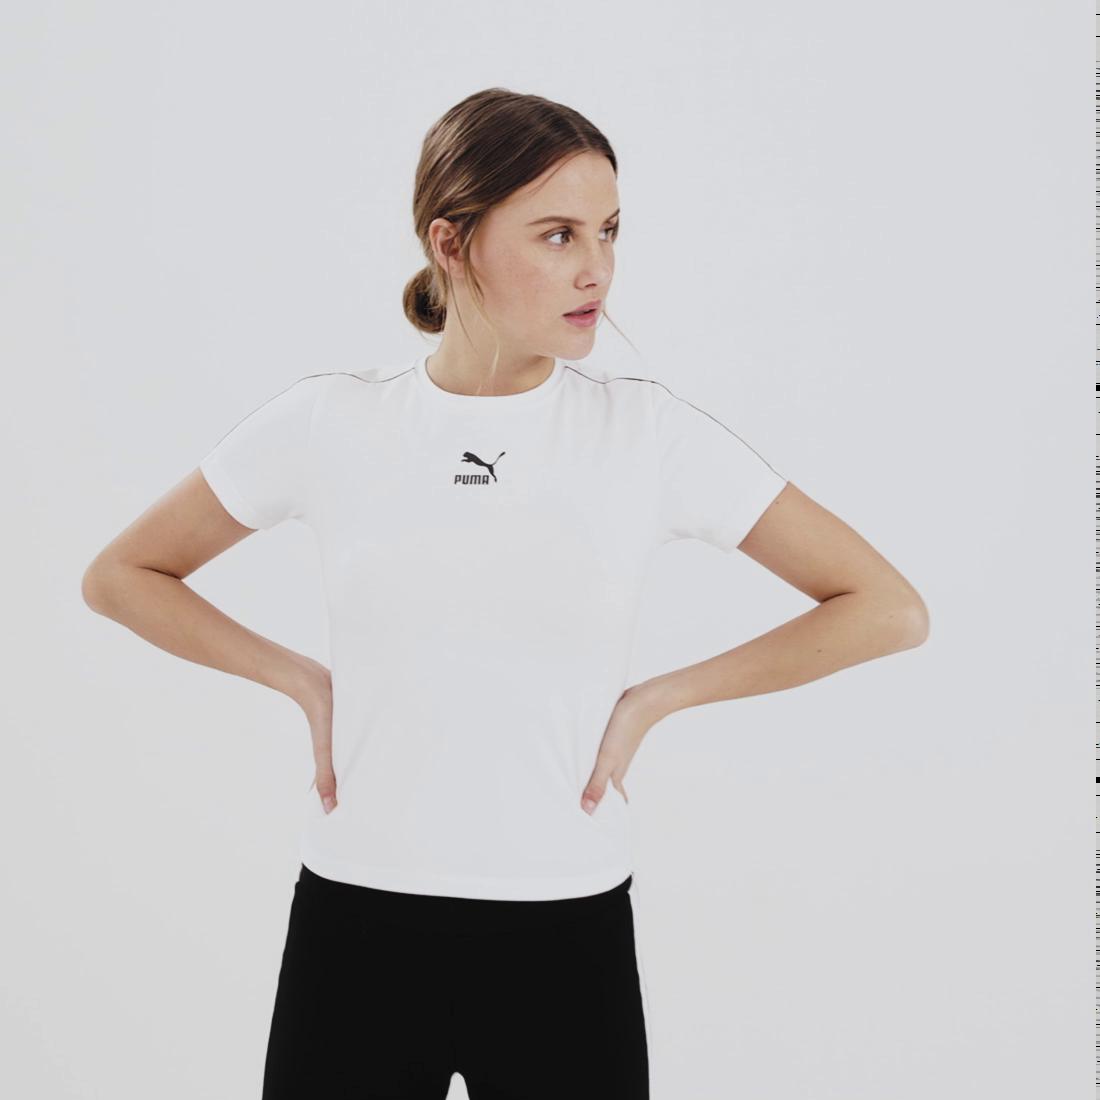 Image PUMA Camiseta Classics Tight Feminina #6